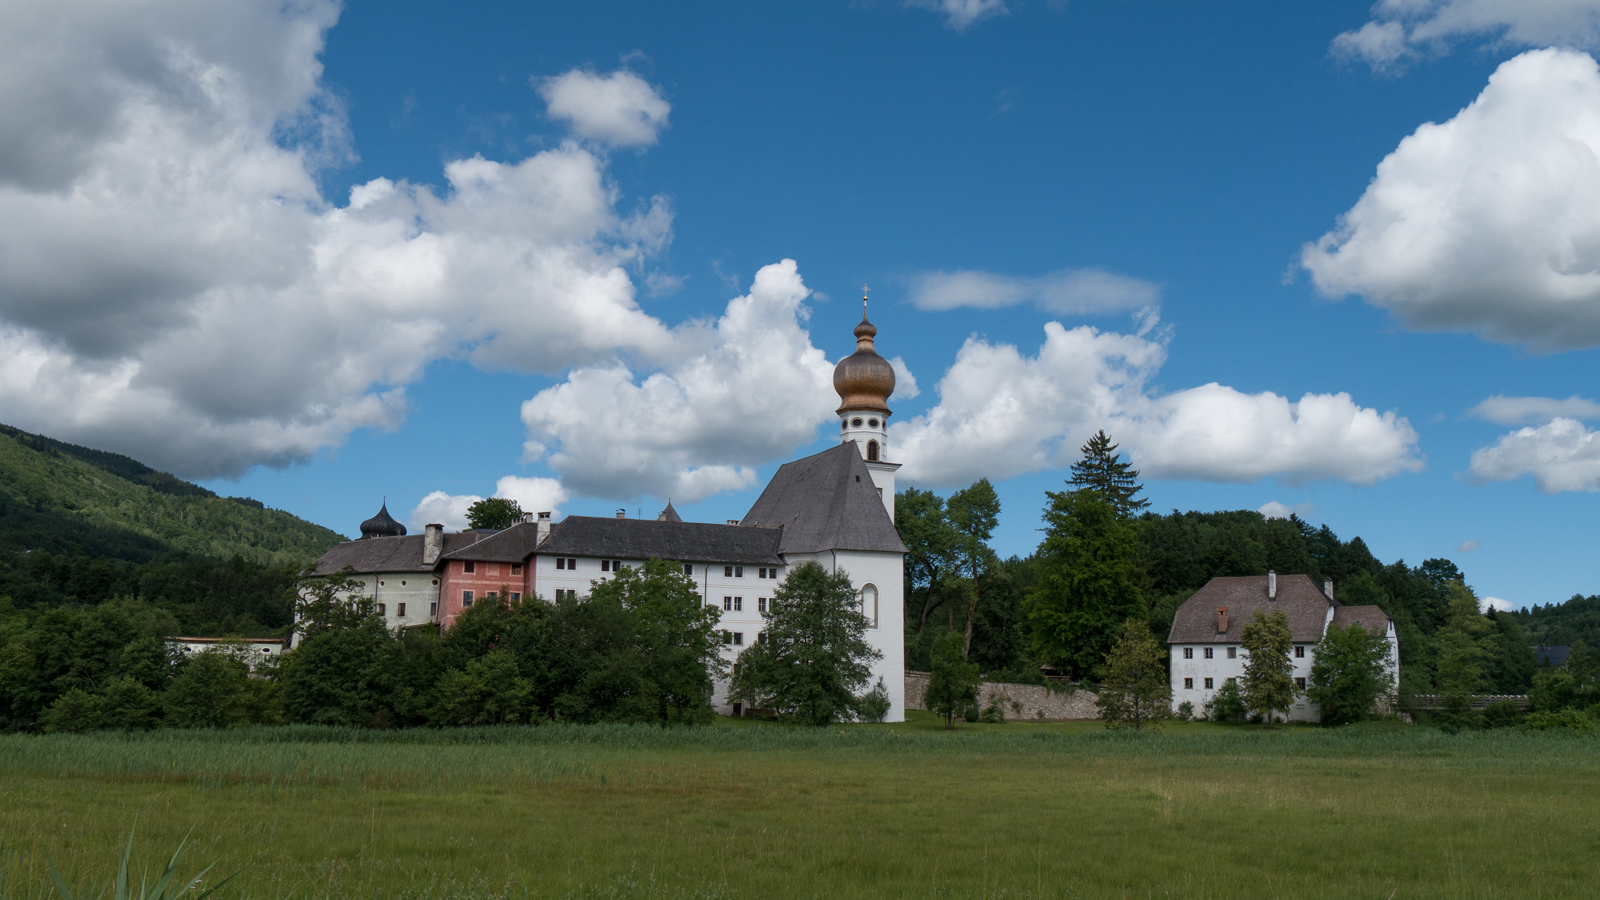 Blick zum Kloster Höglwörth und zum Wieninger Klosterwirt Höglwörth